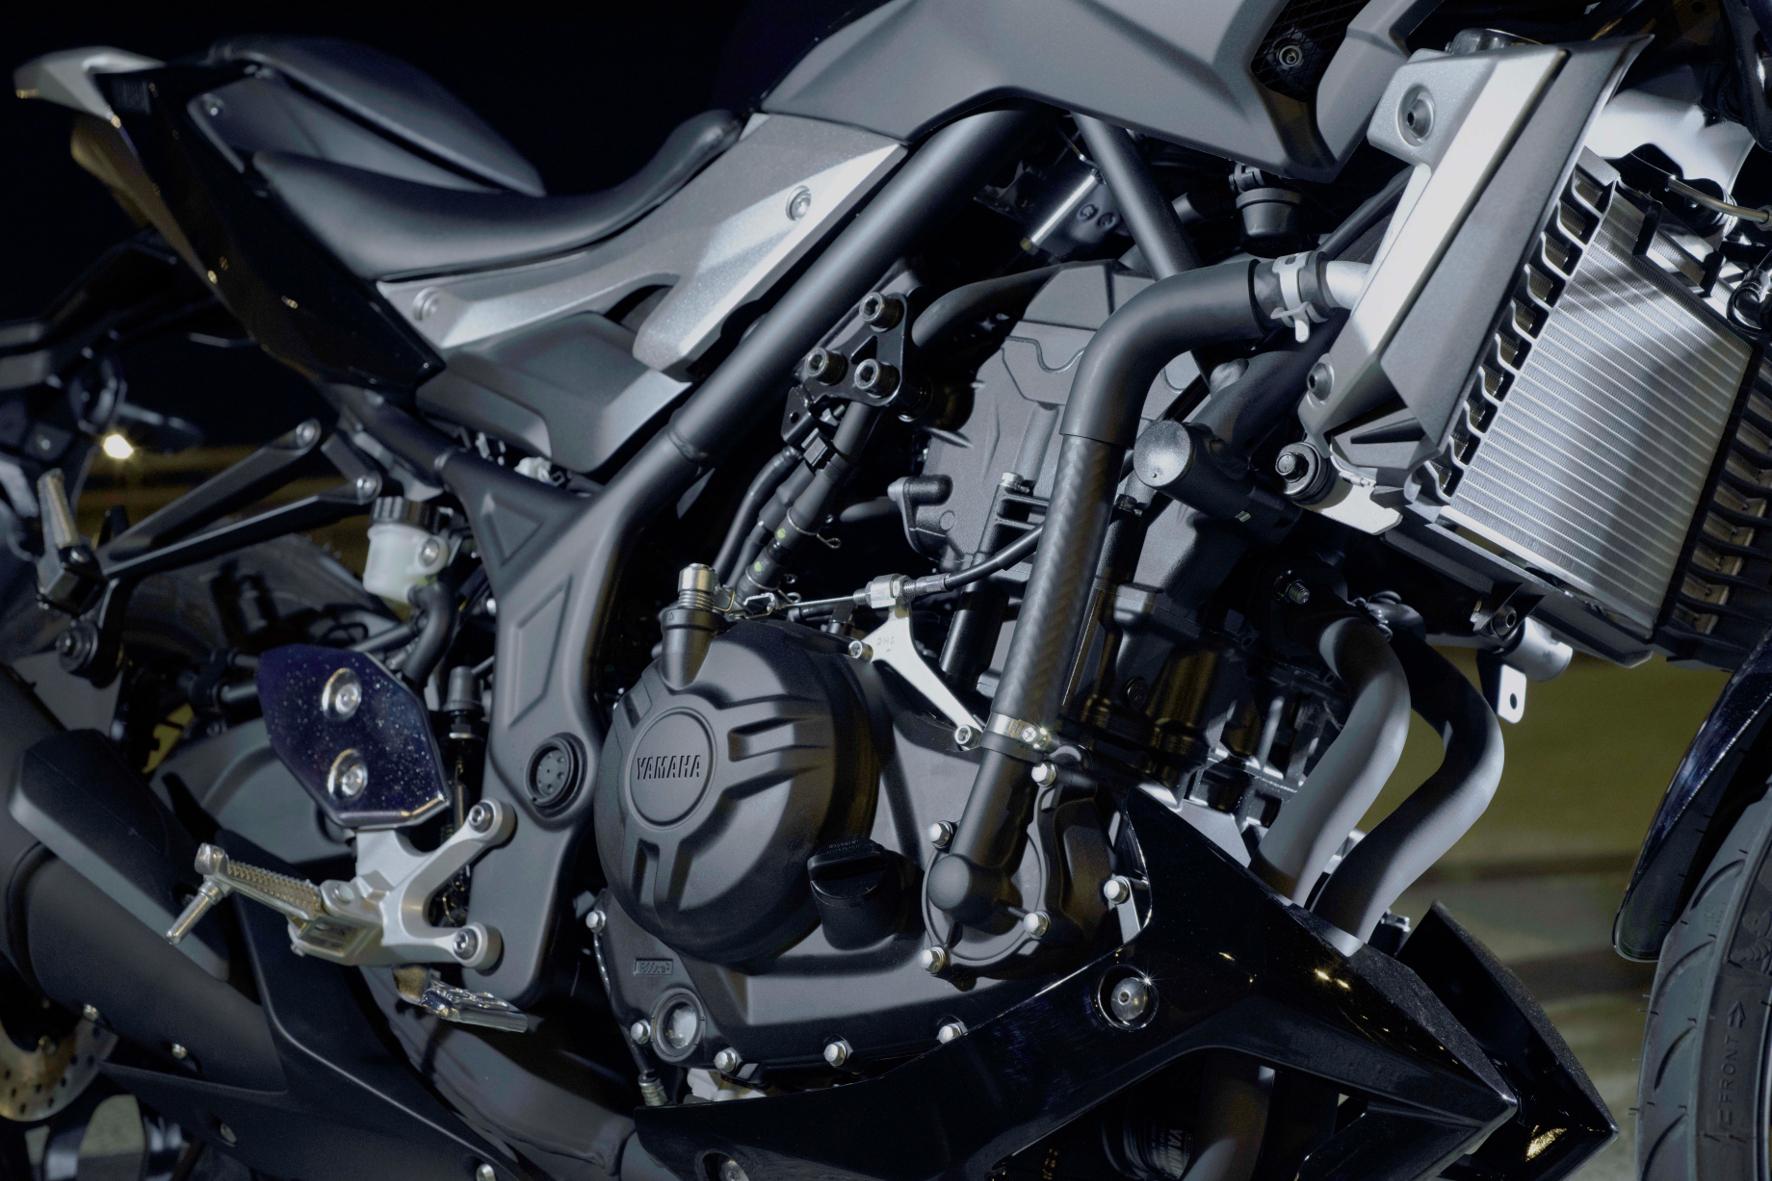 Der flüssigkeitsgekühlte Zweizylinder-Reihenmotor wurde komplett von der YZF-R3 übernommen.